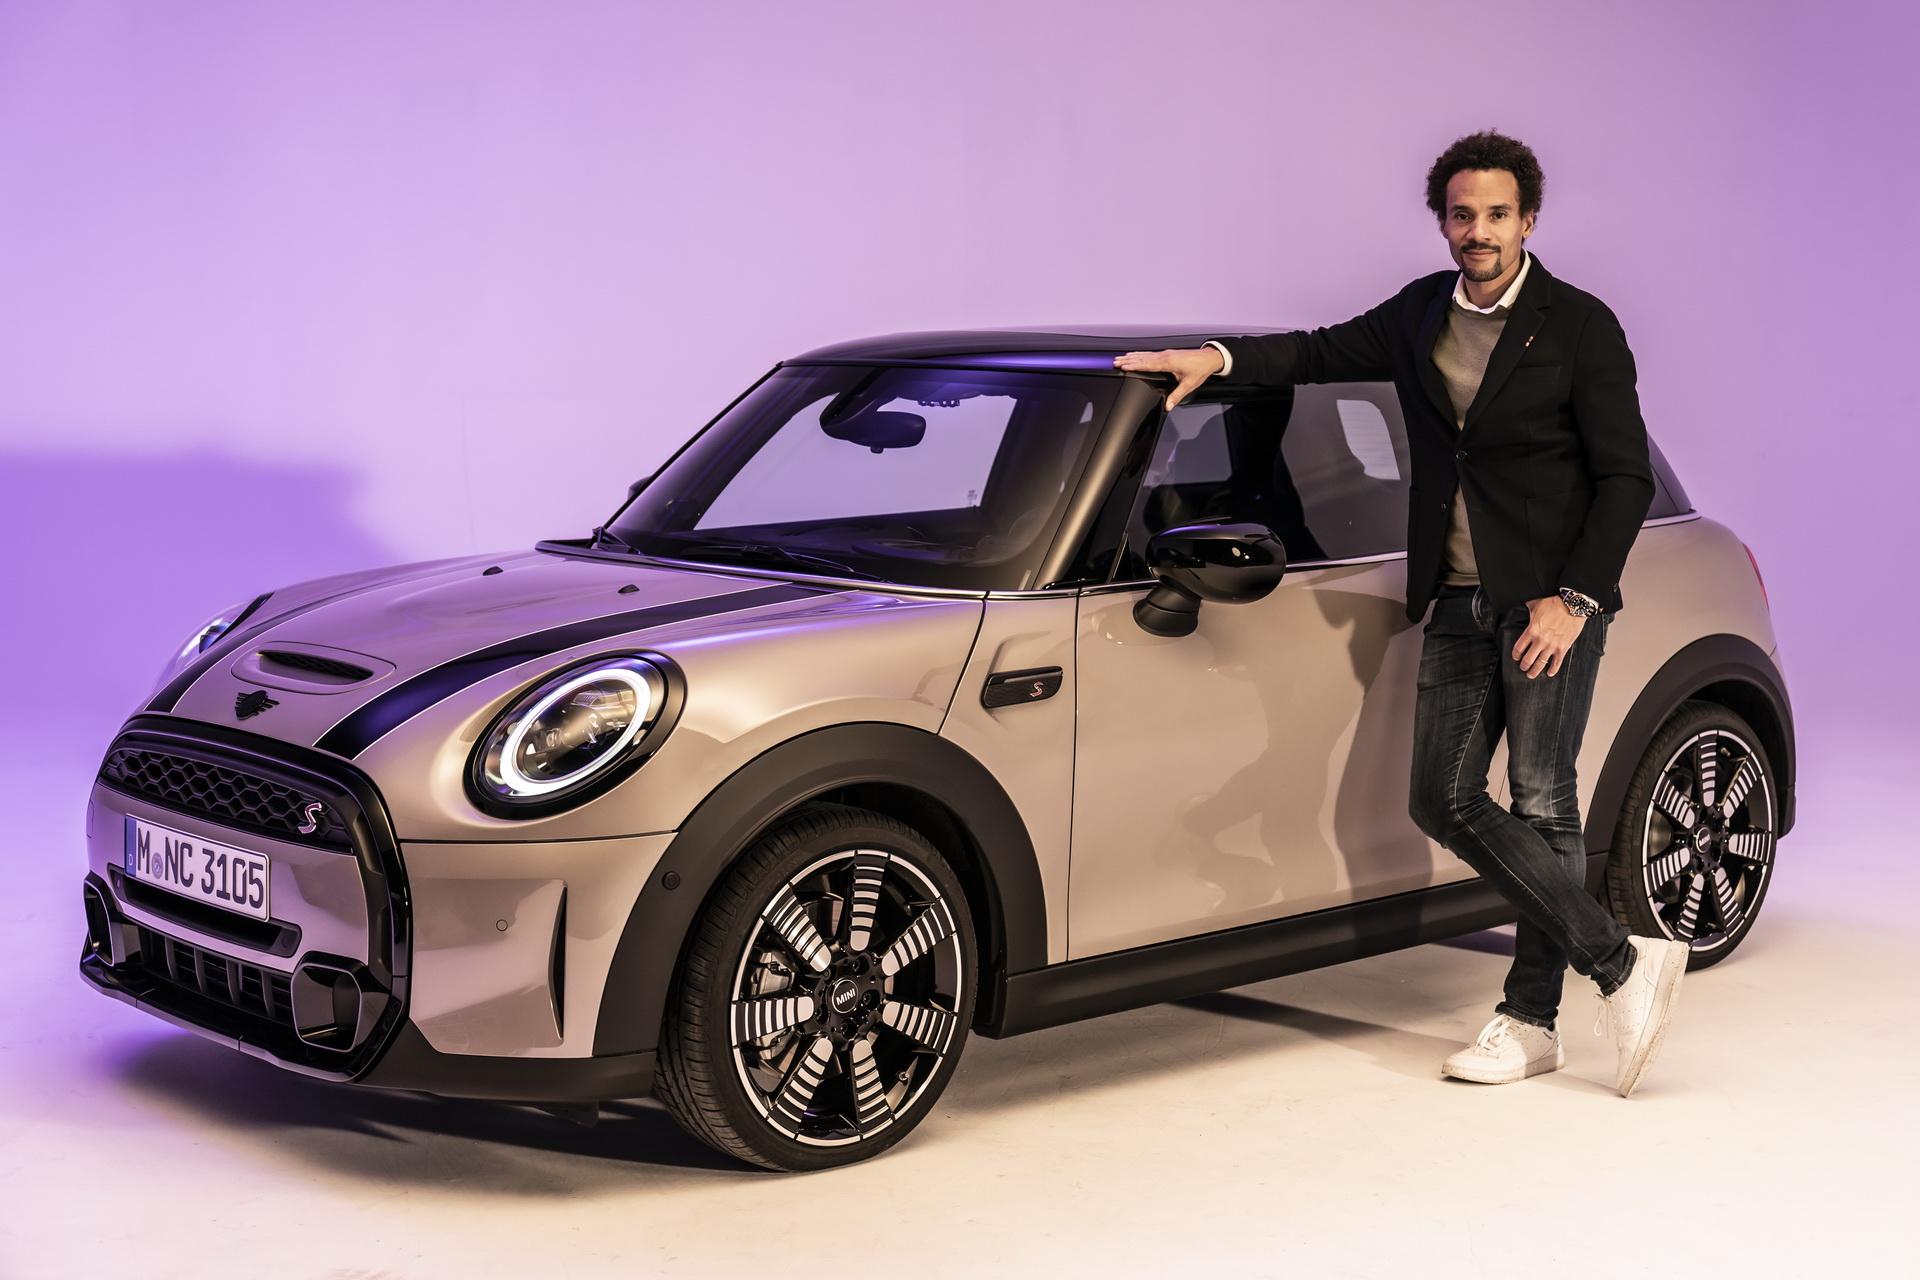 Nem lesz bőrülés a Mini modelljeiben, fenntartható autógyártásra törekszik a gyártó